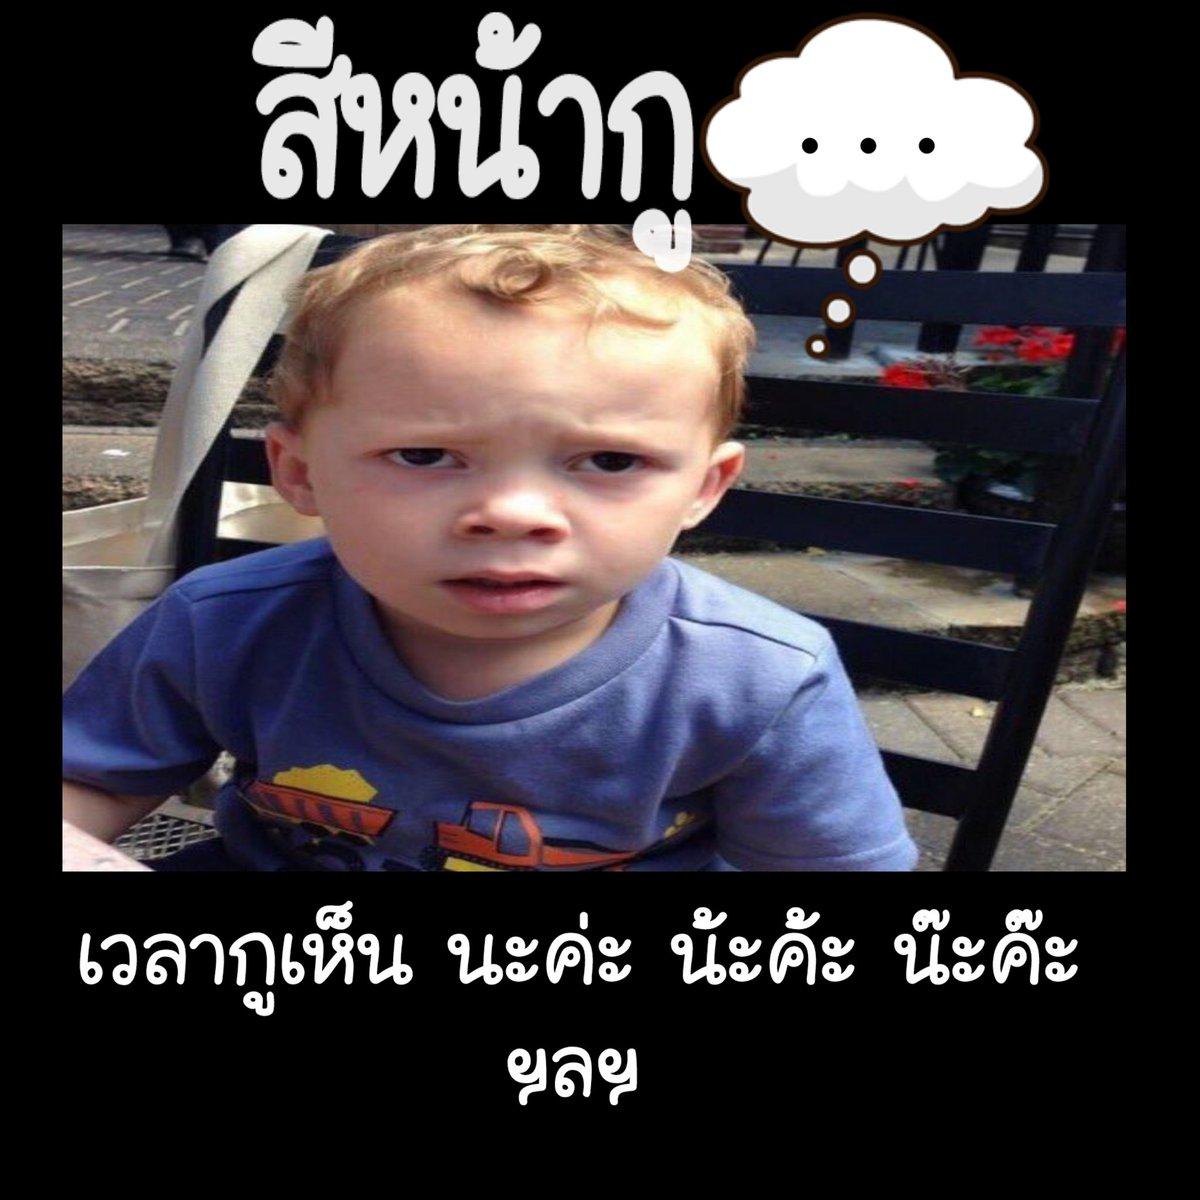 #ภาษาไทย  #ภาษาสก๊อย  #ภาษาวิบัติ #TCAS62 #อนาคตประเทศไทย